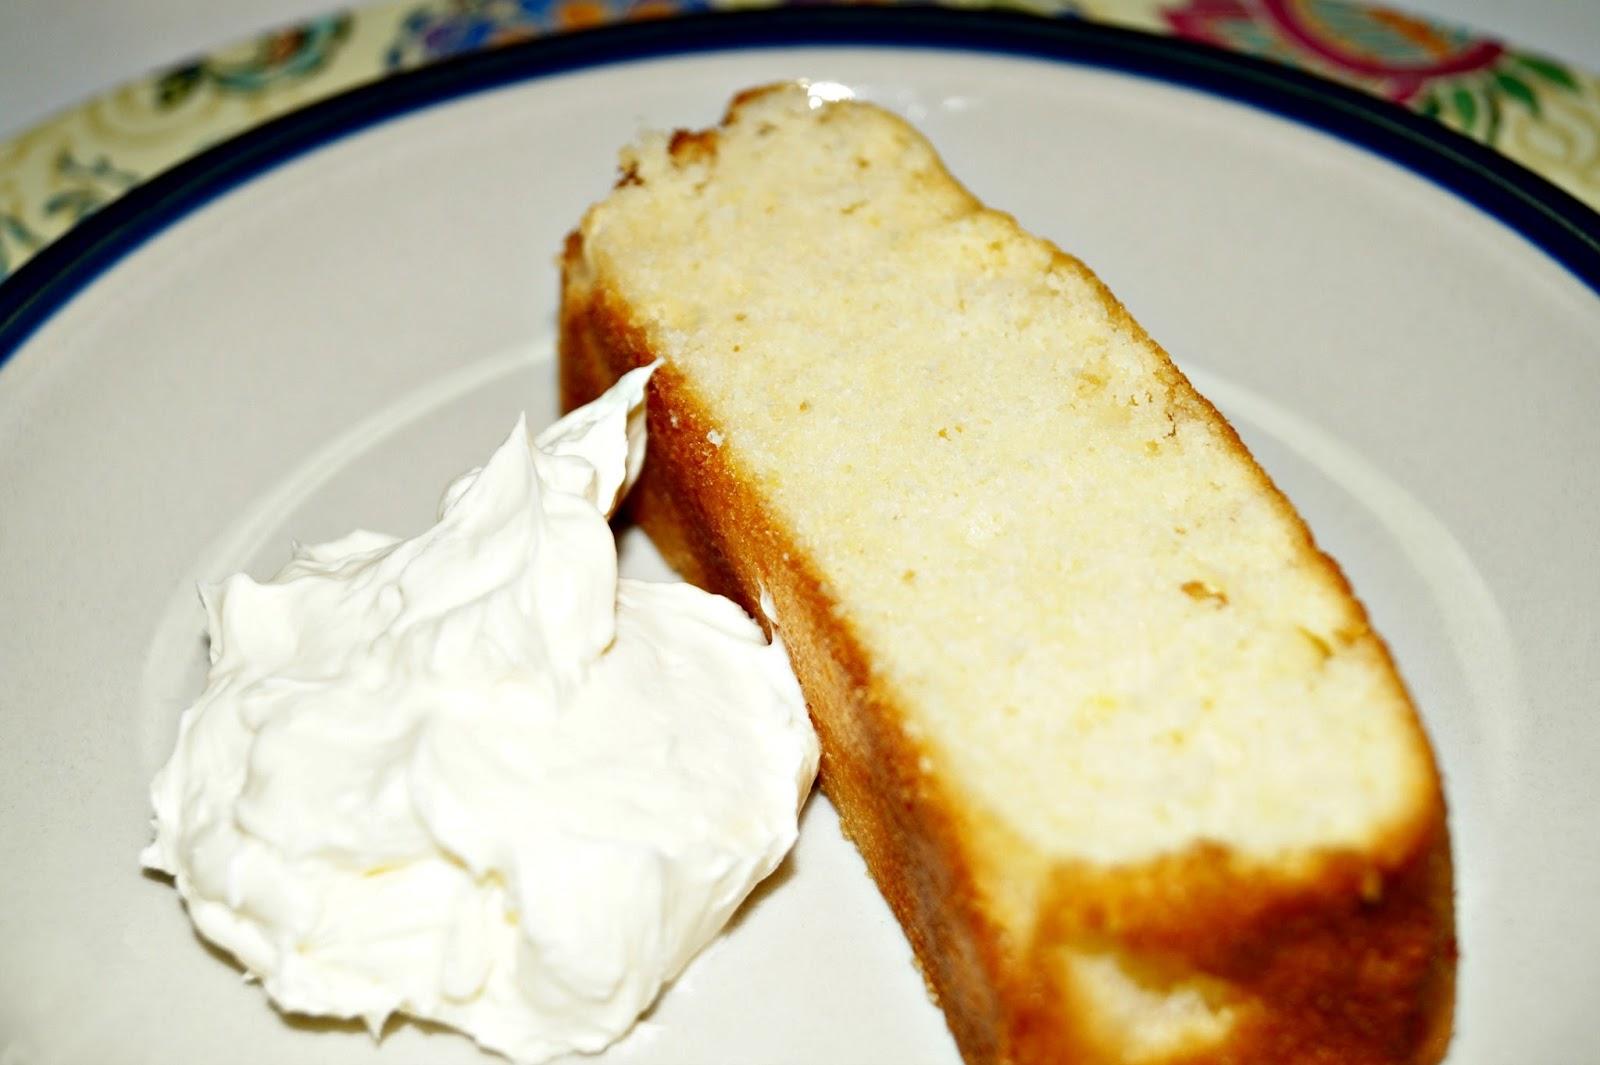 Lemon Cake - So Moist, So Delicious